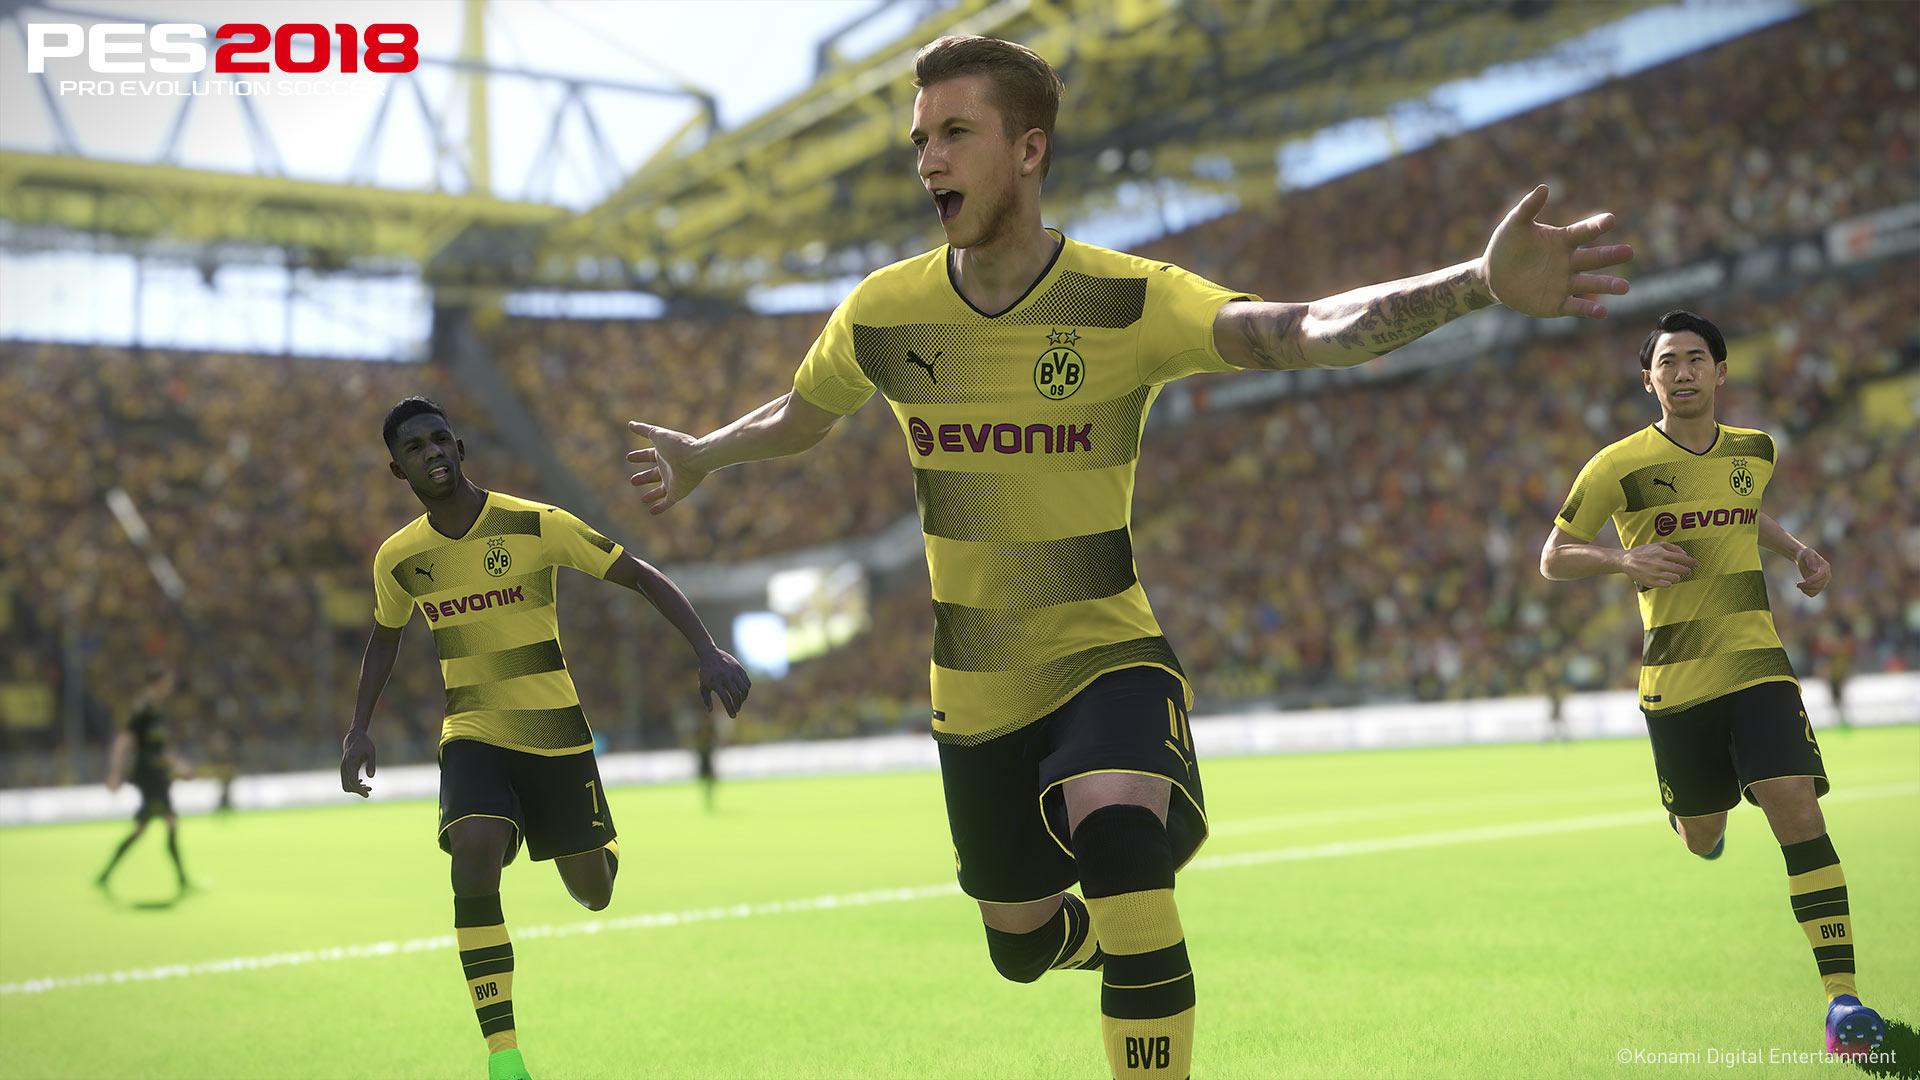 FIFA 18 Vs. PES 2018 - Comparativa de los dos juegos de fútbol del ... 0f6e12f1938f0